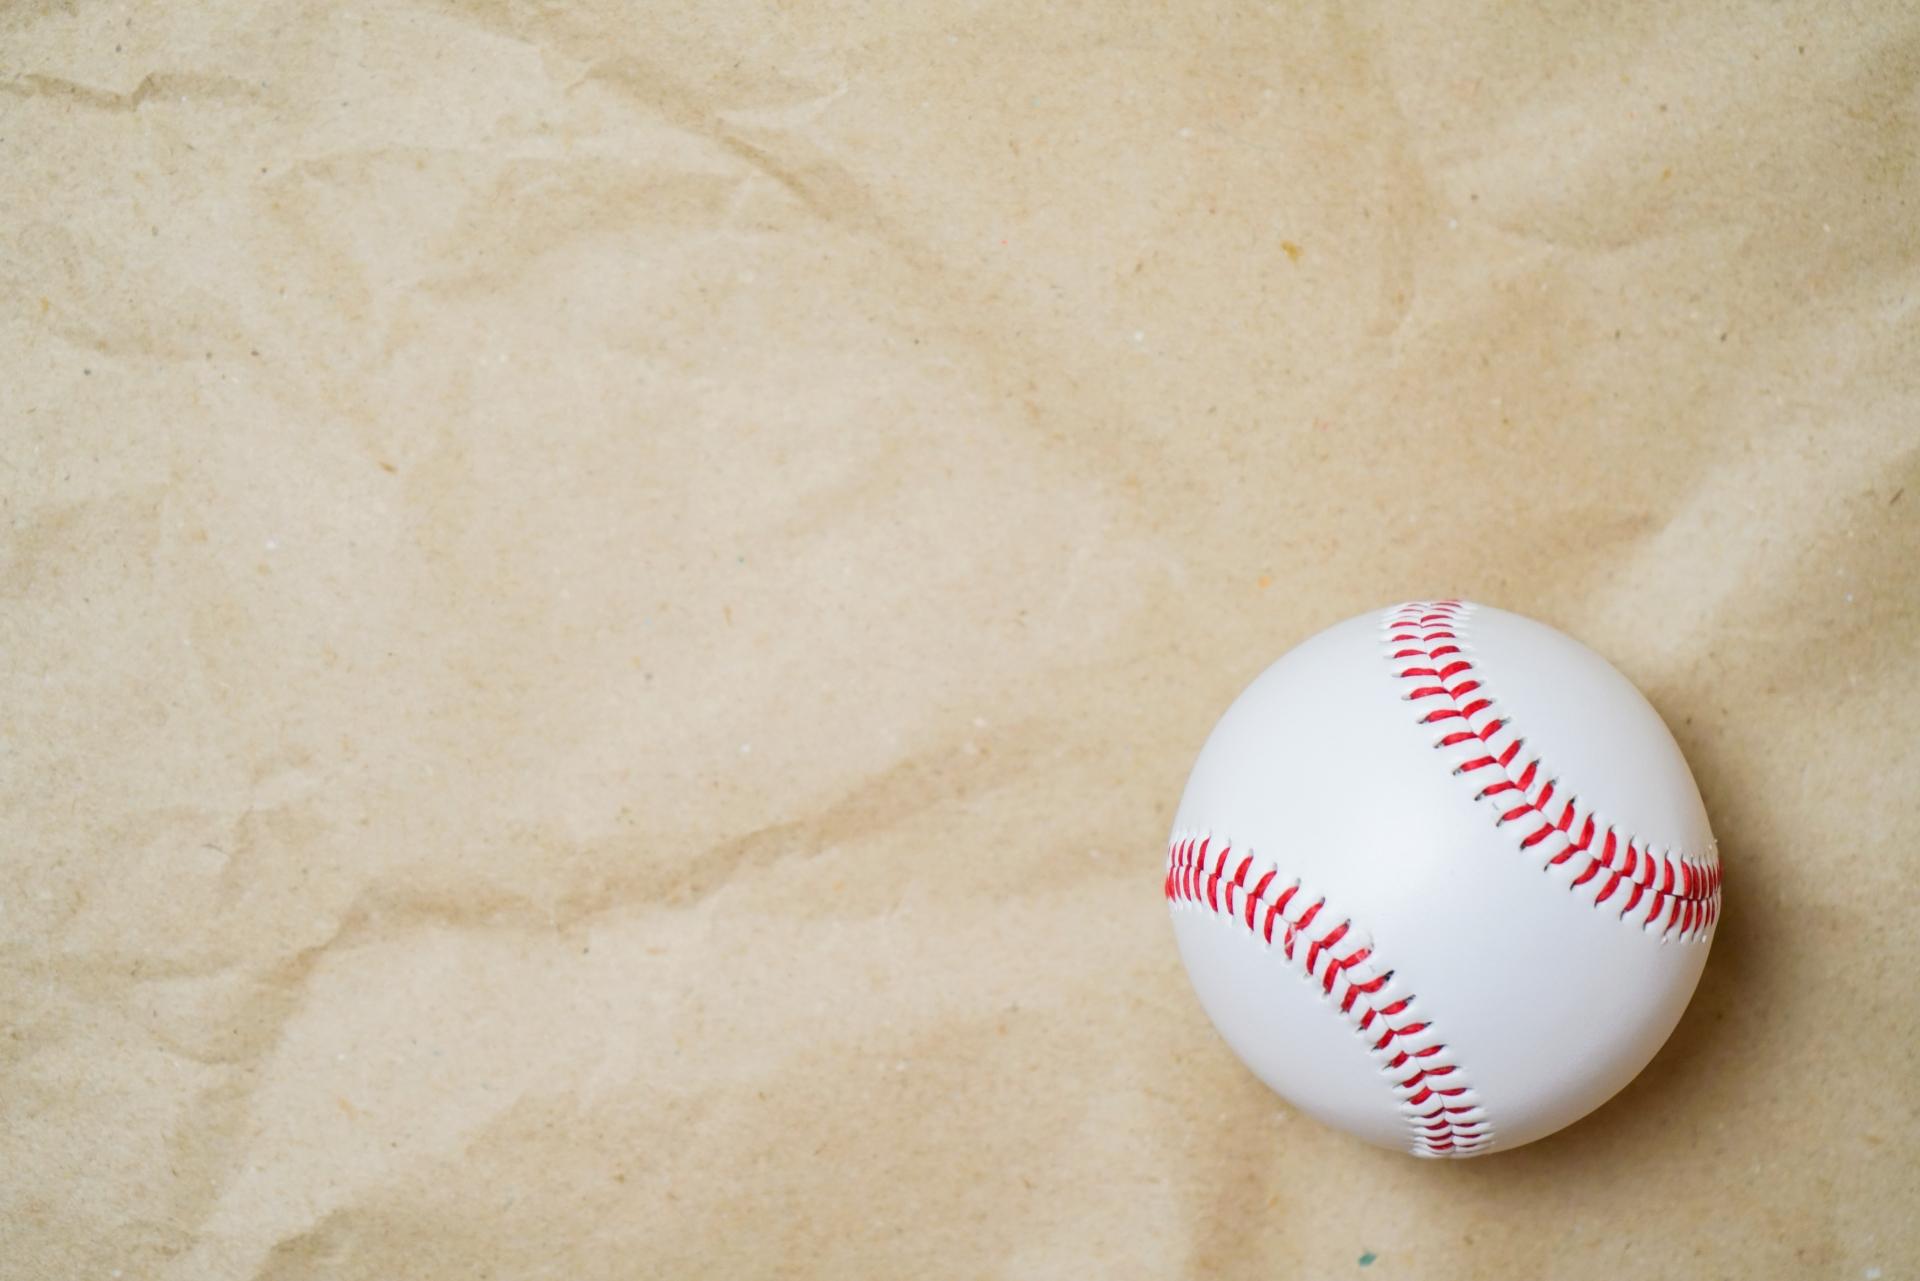 【打てない・飛ばないなら】砂鉄入りの重いボールで飛ばす力をつける